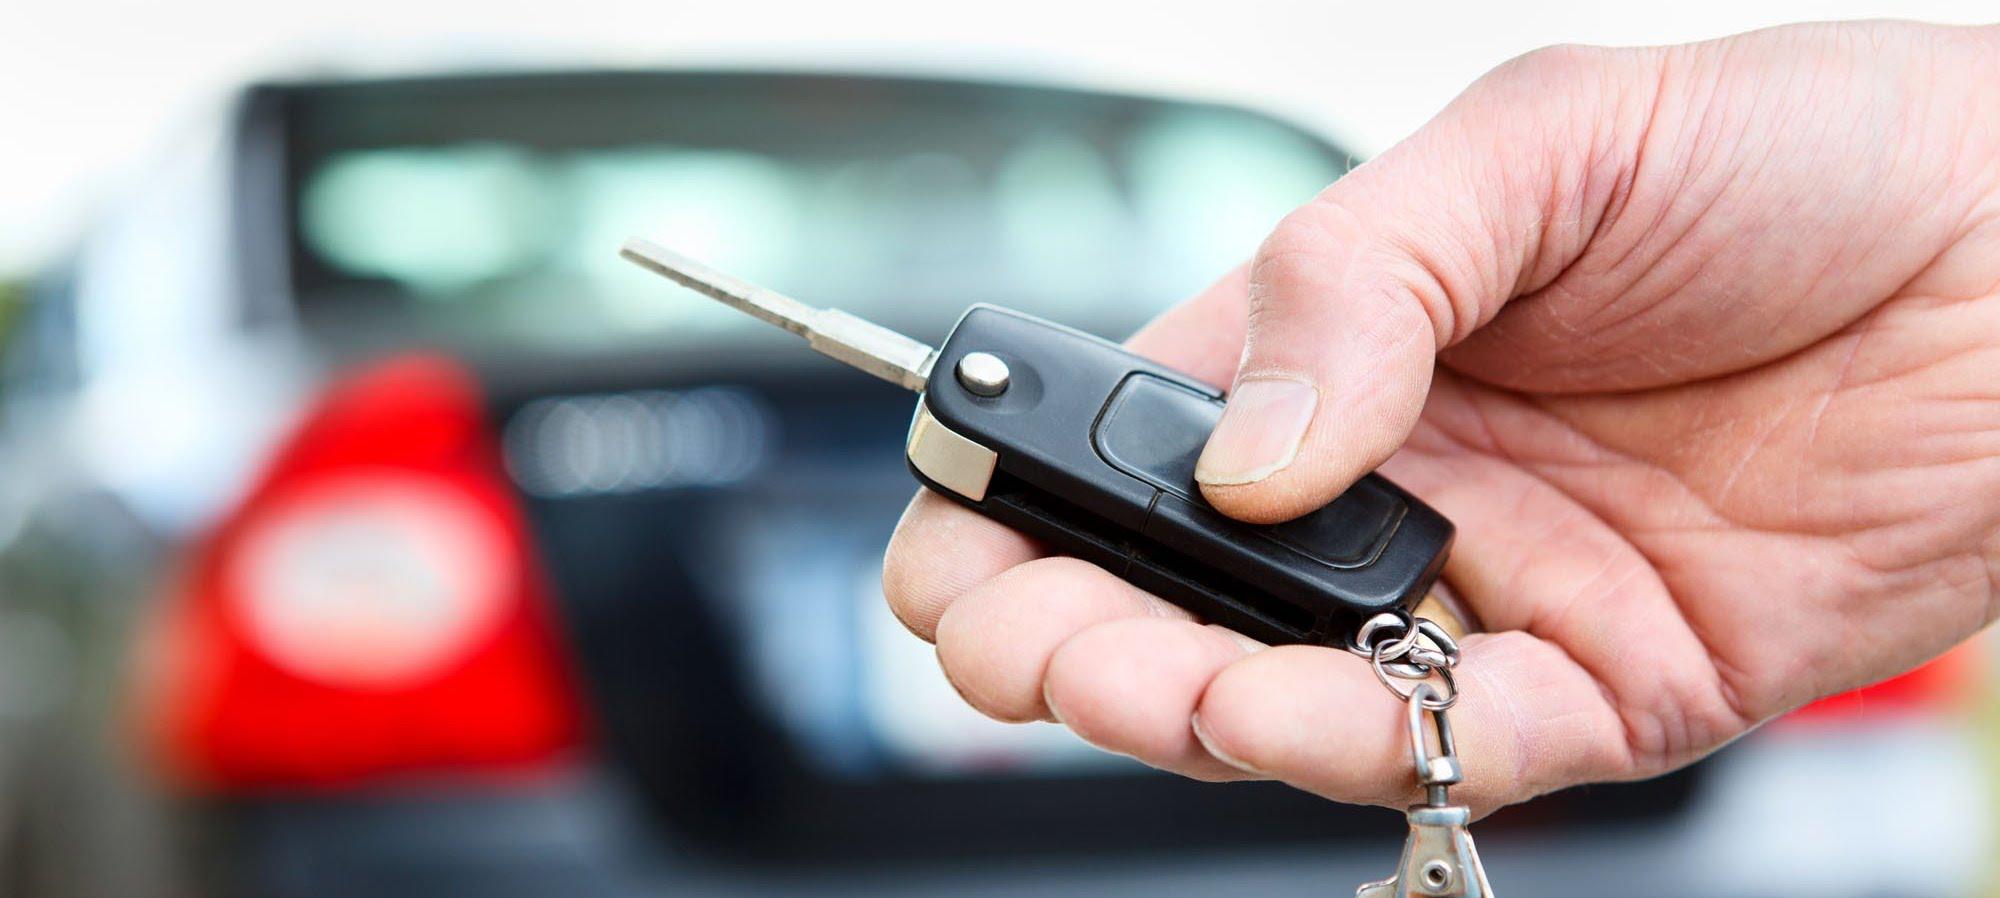 Cheltenham Locksmith Remote Key Repair and Replacement